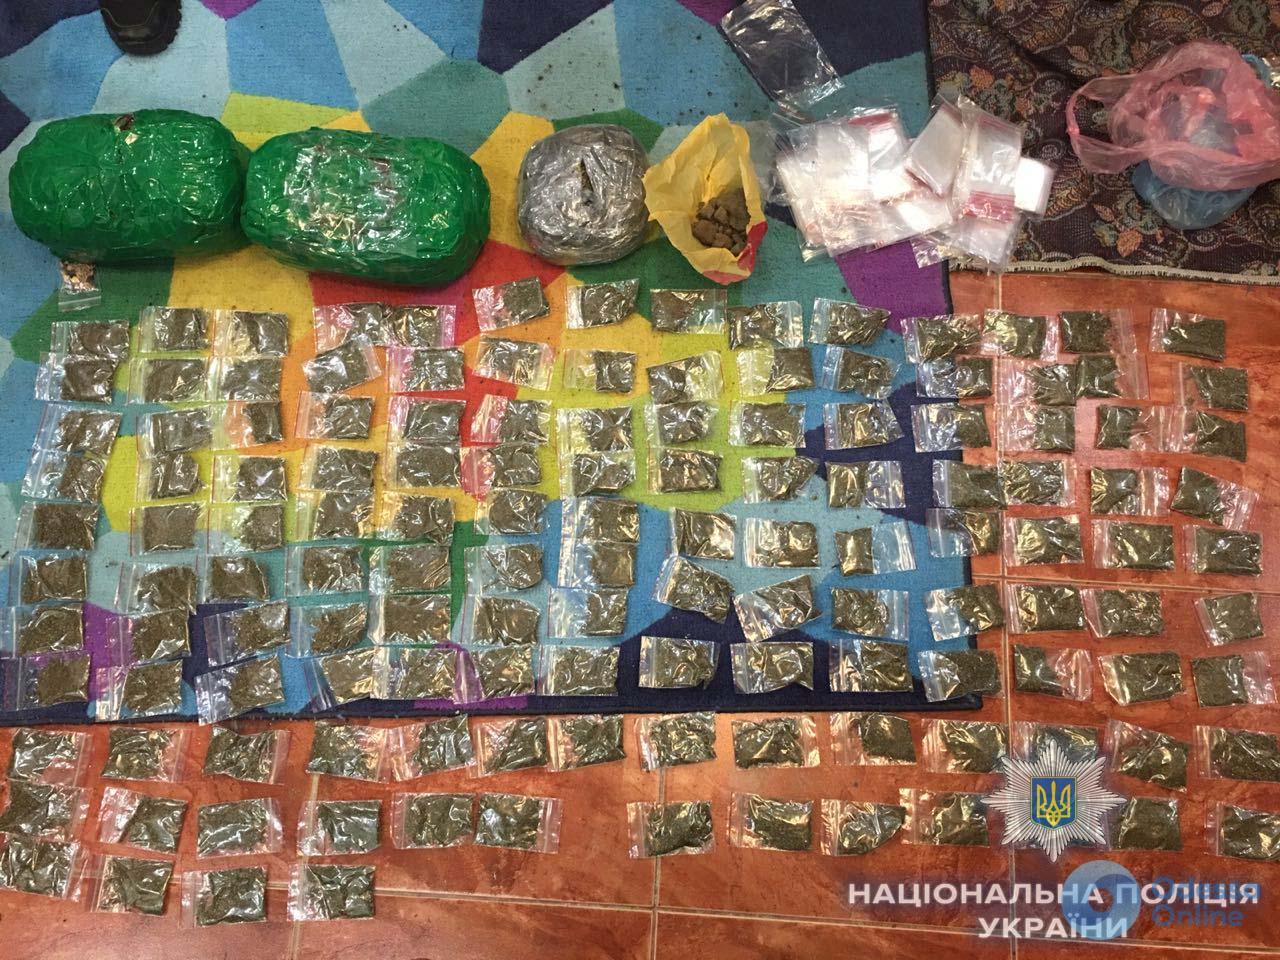 В Одессе задержали наркодилера